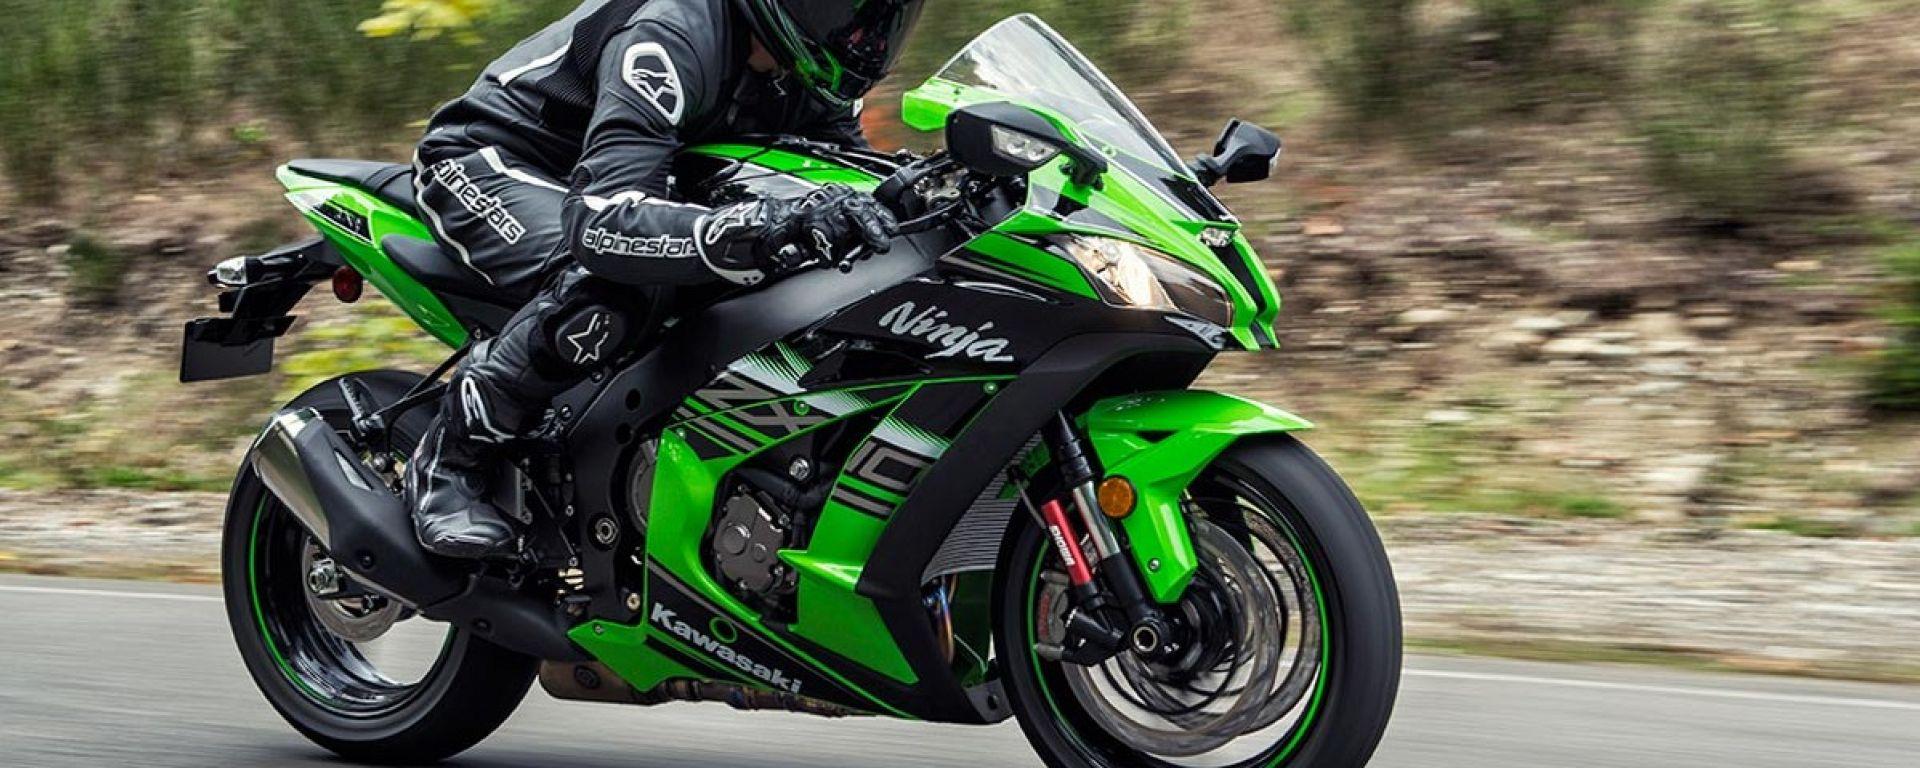 Kawasaki: in rampa di lancio la nuova Ninja ZX-10R. Ecco come cambia